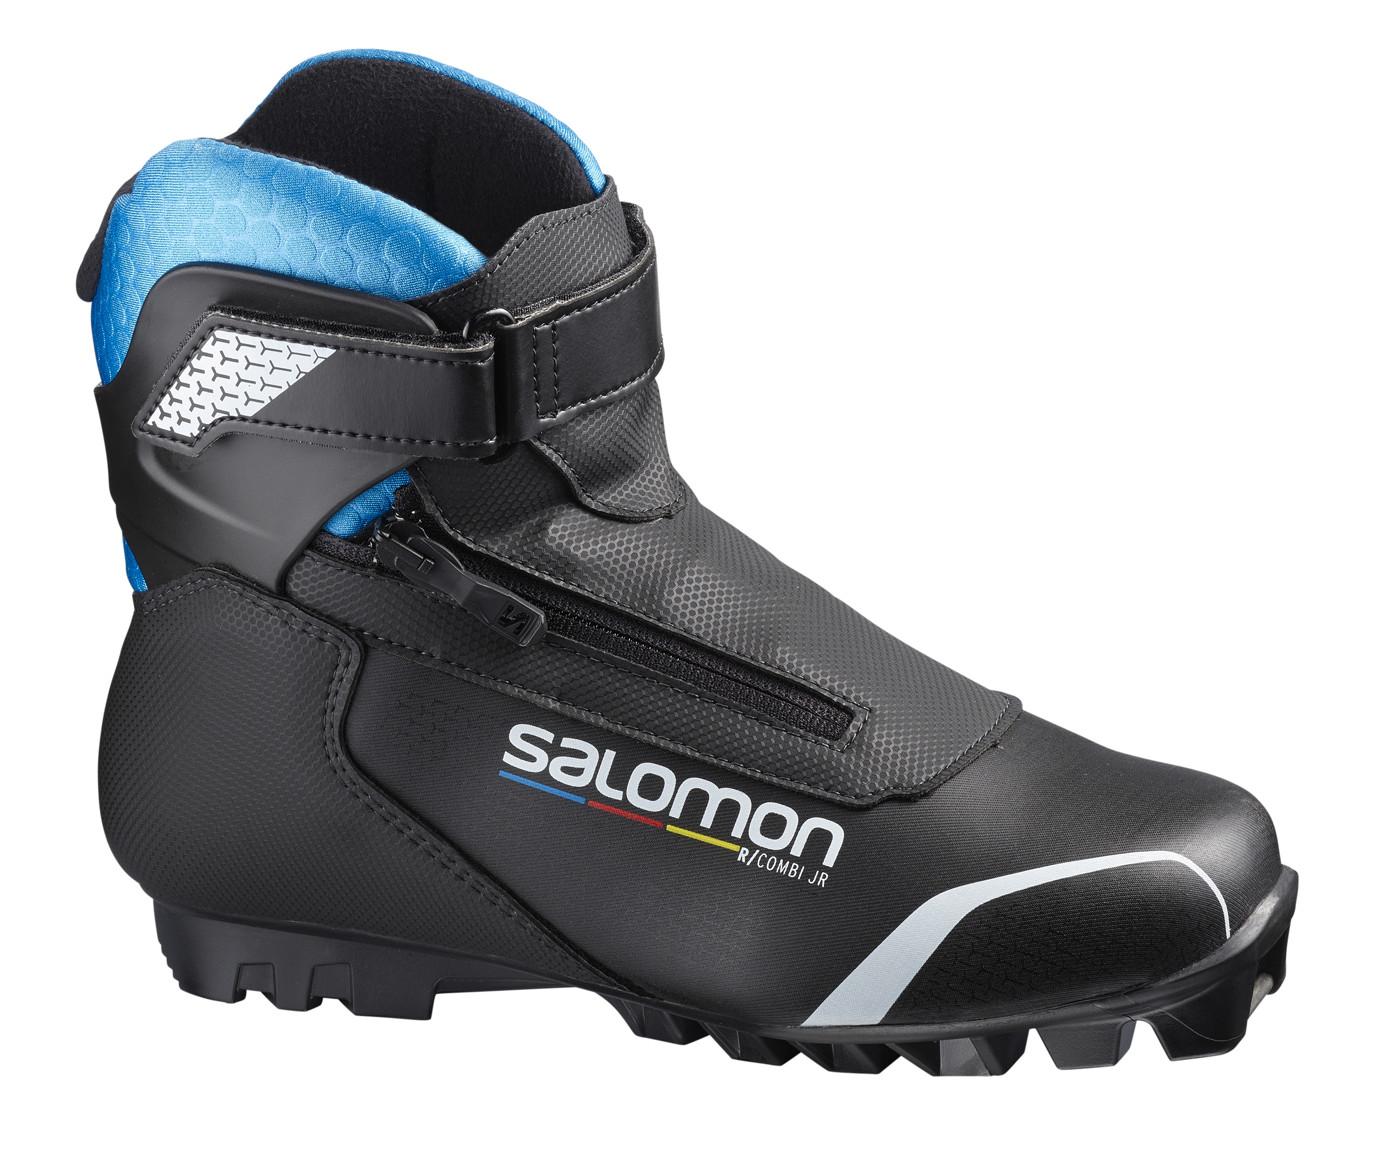 SALOMON XC SHOES R/COMBI PILOT - Kinder